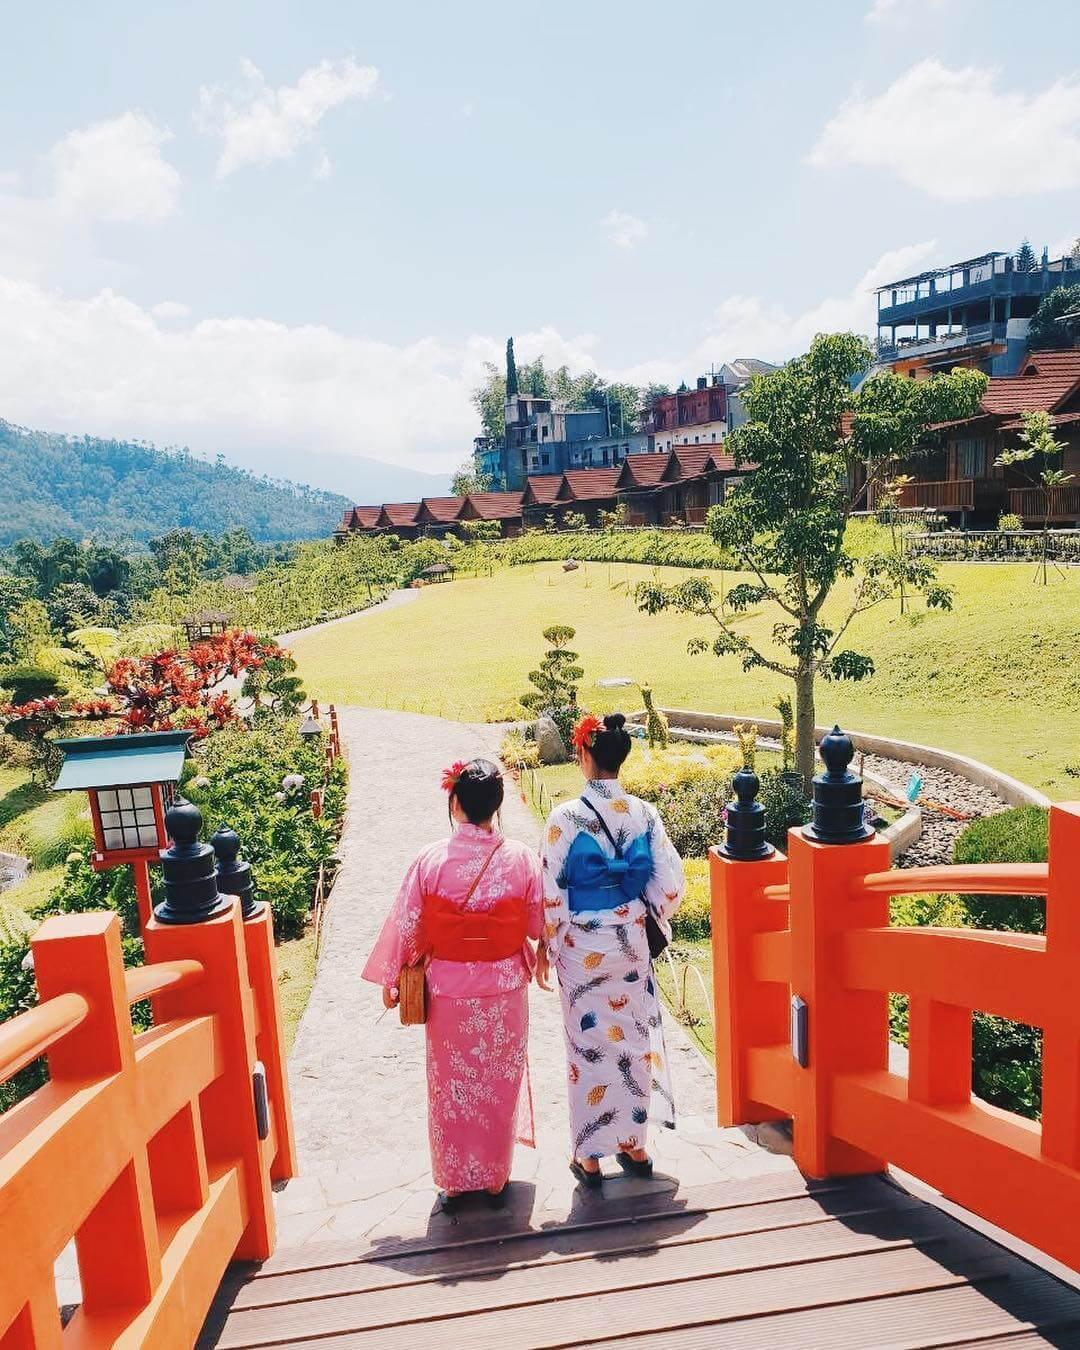 Wisata Ala Luar Negeri Di Malang Nggak Perlu Bayar Mahal Ongis Travel